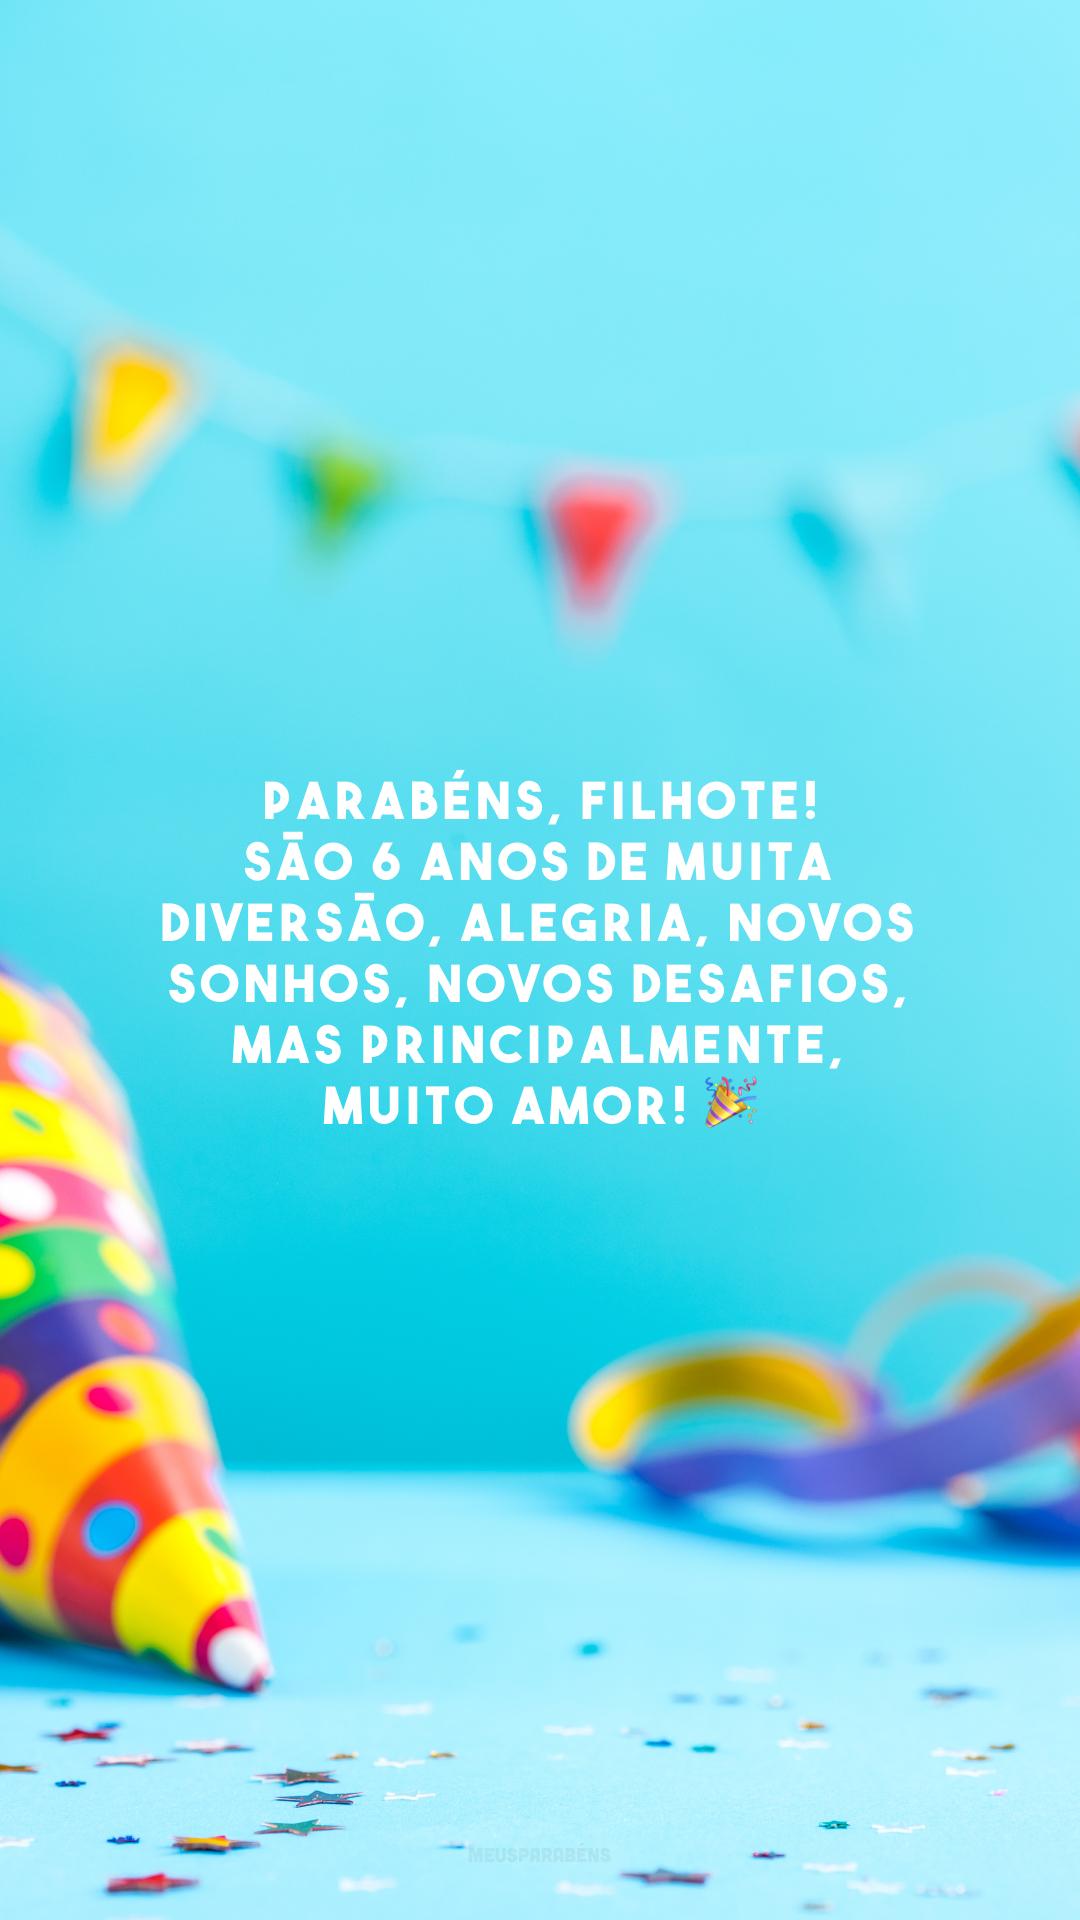 Parabéns, filhote! São 6 anos de muita diversão, alegria, novos sonhos, novos desafios, mas principalmente, muito amor! 🎉